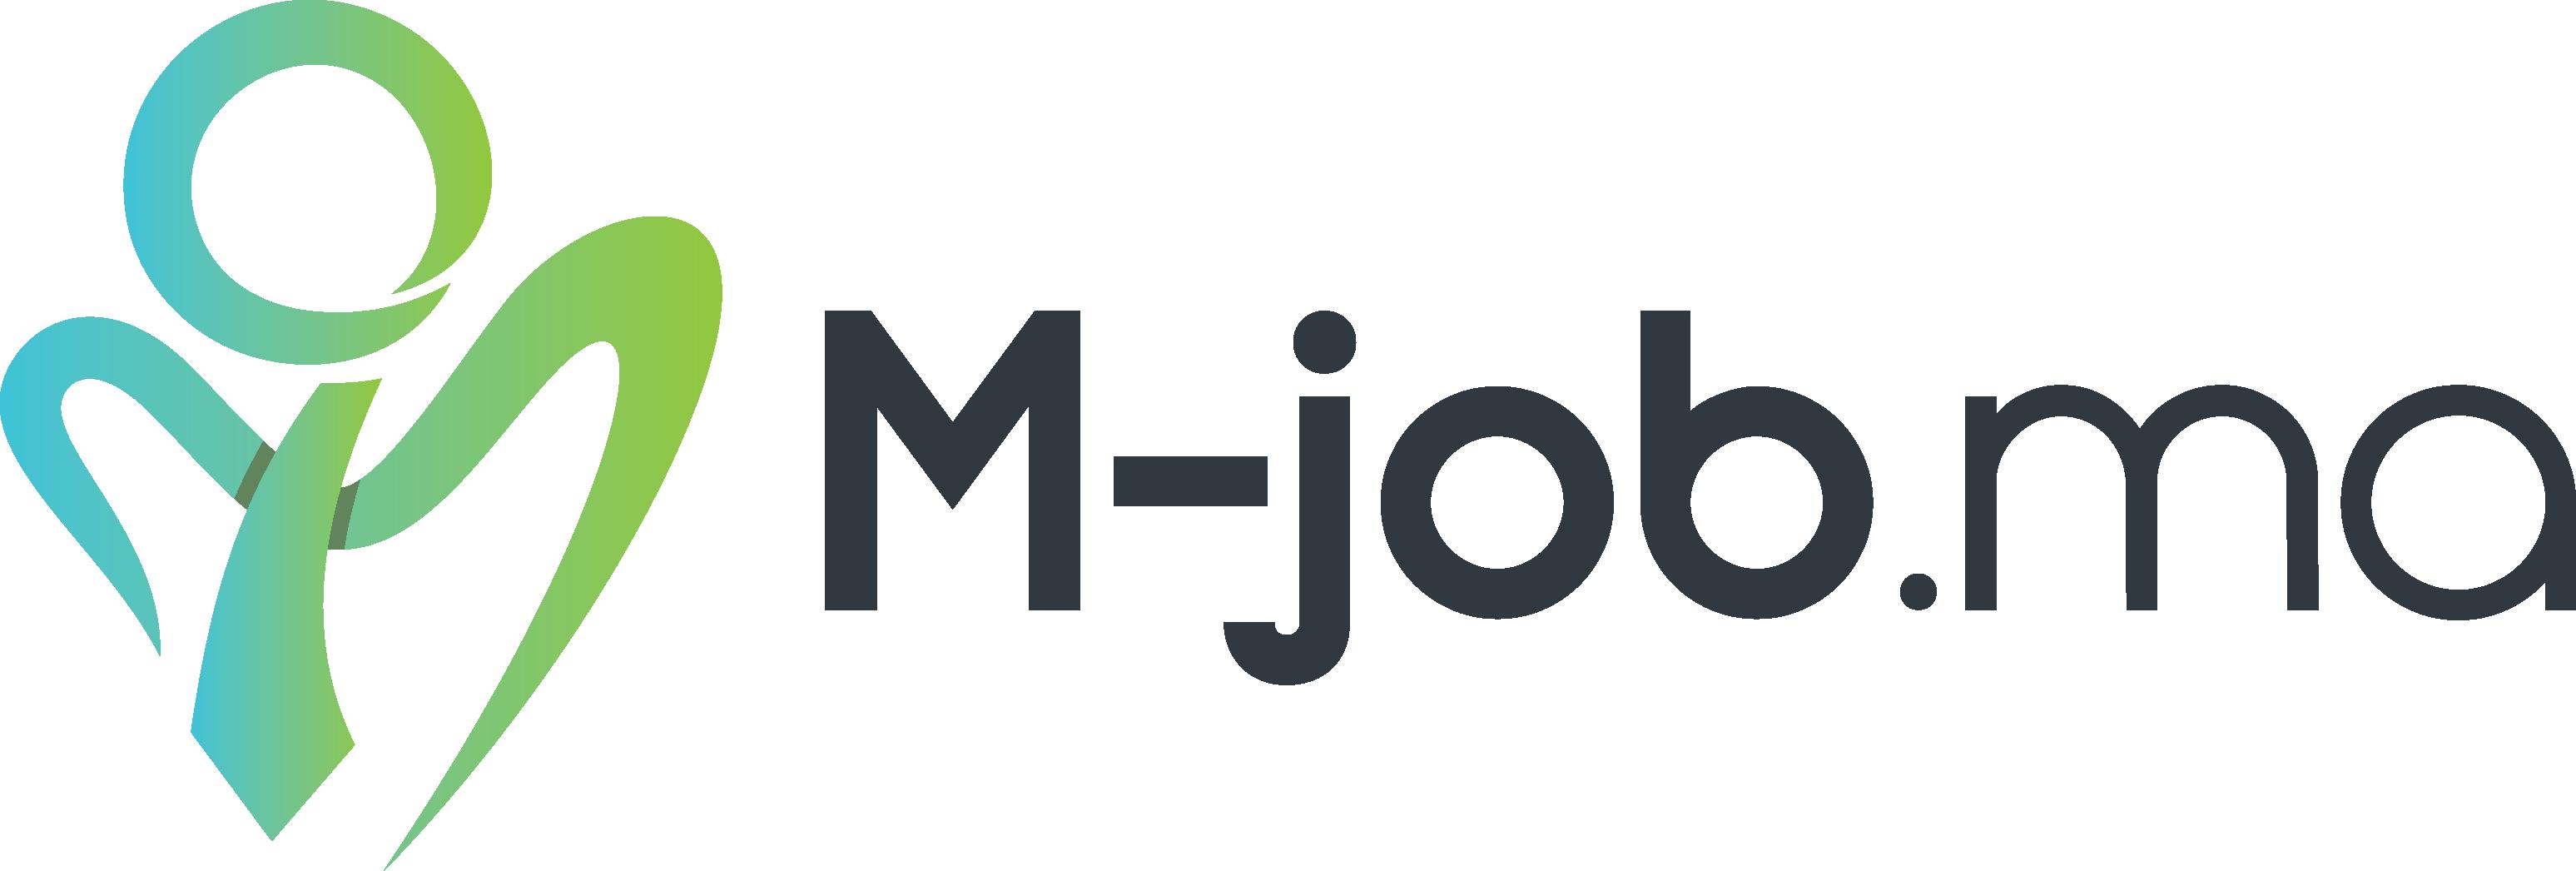 Menara Job